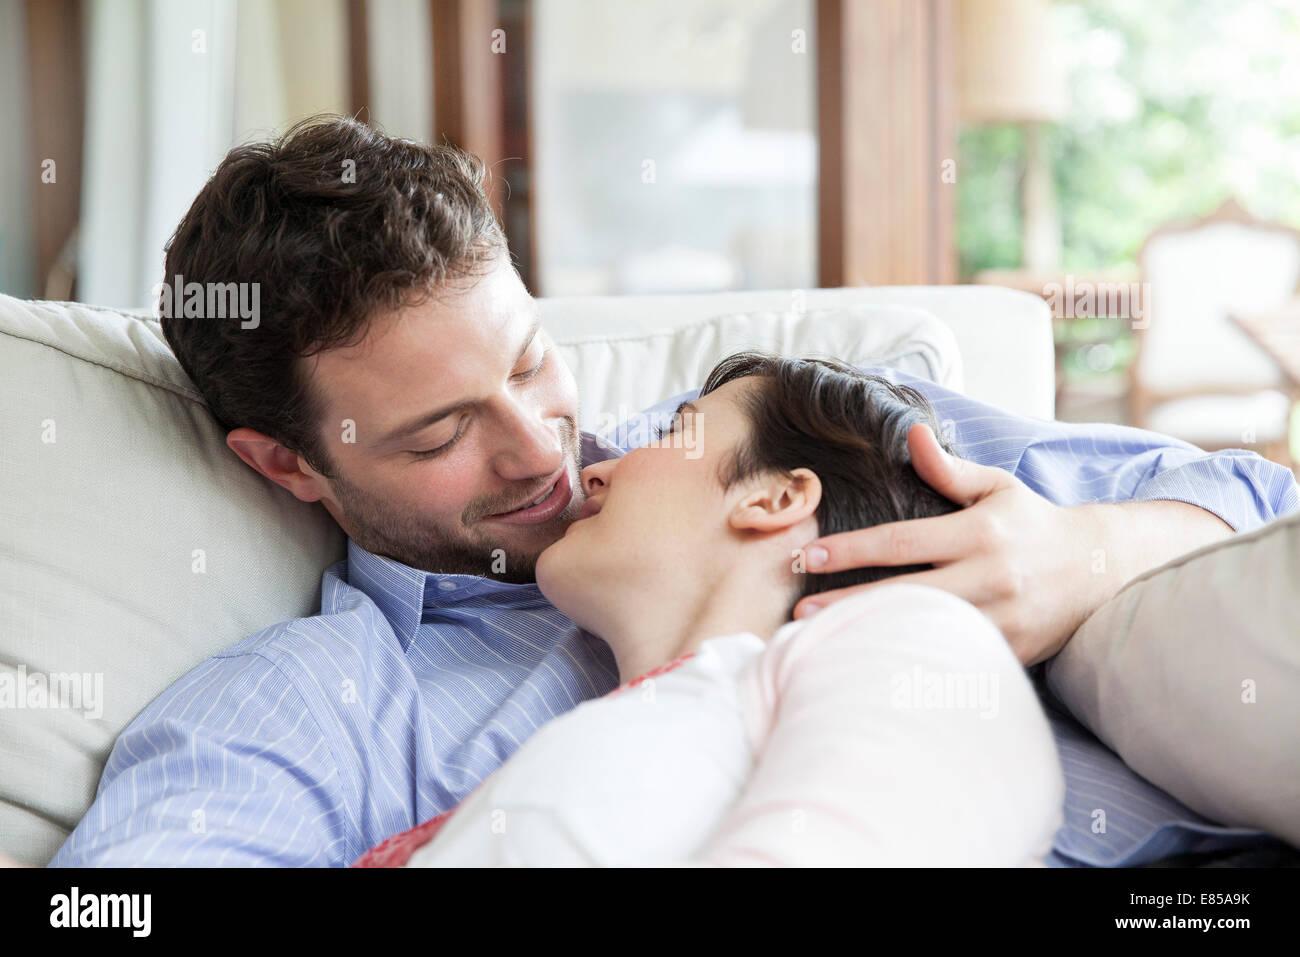 Paar gemütlich zusammen auf Sofa, Vorbereitung, küssen Stockbild